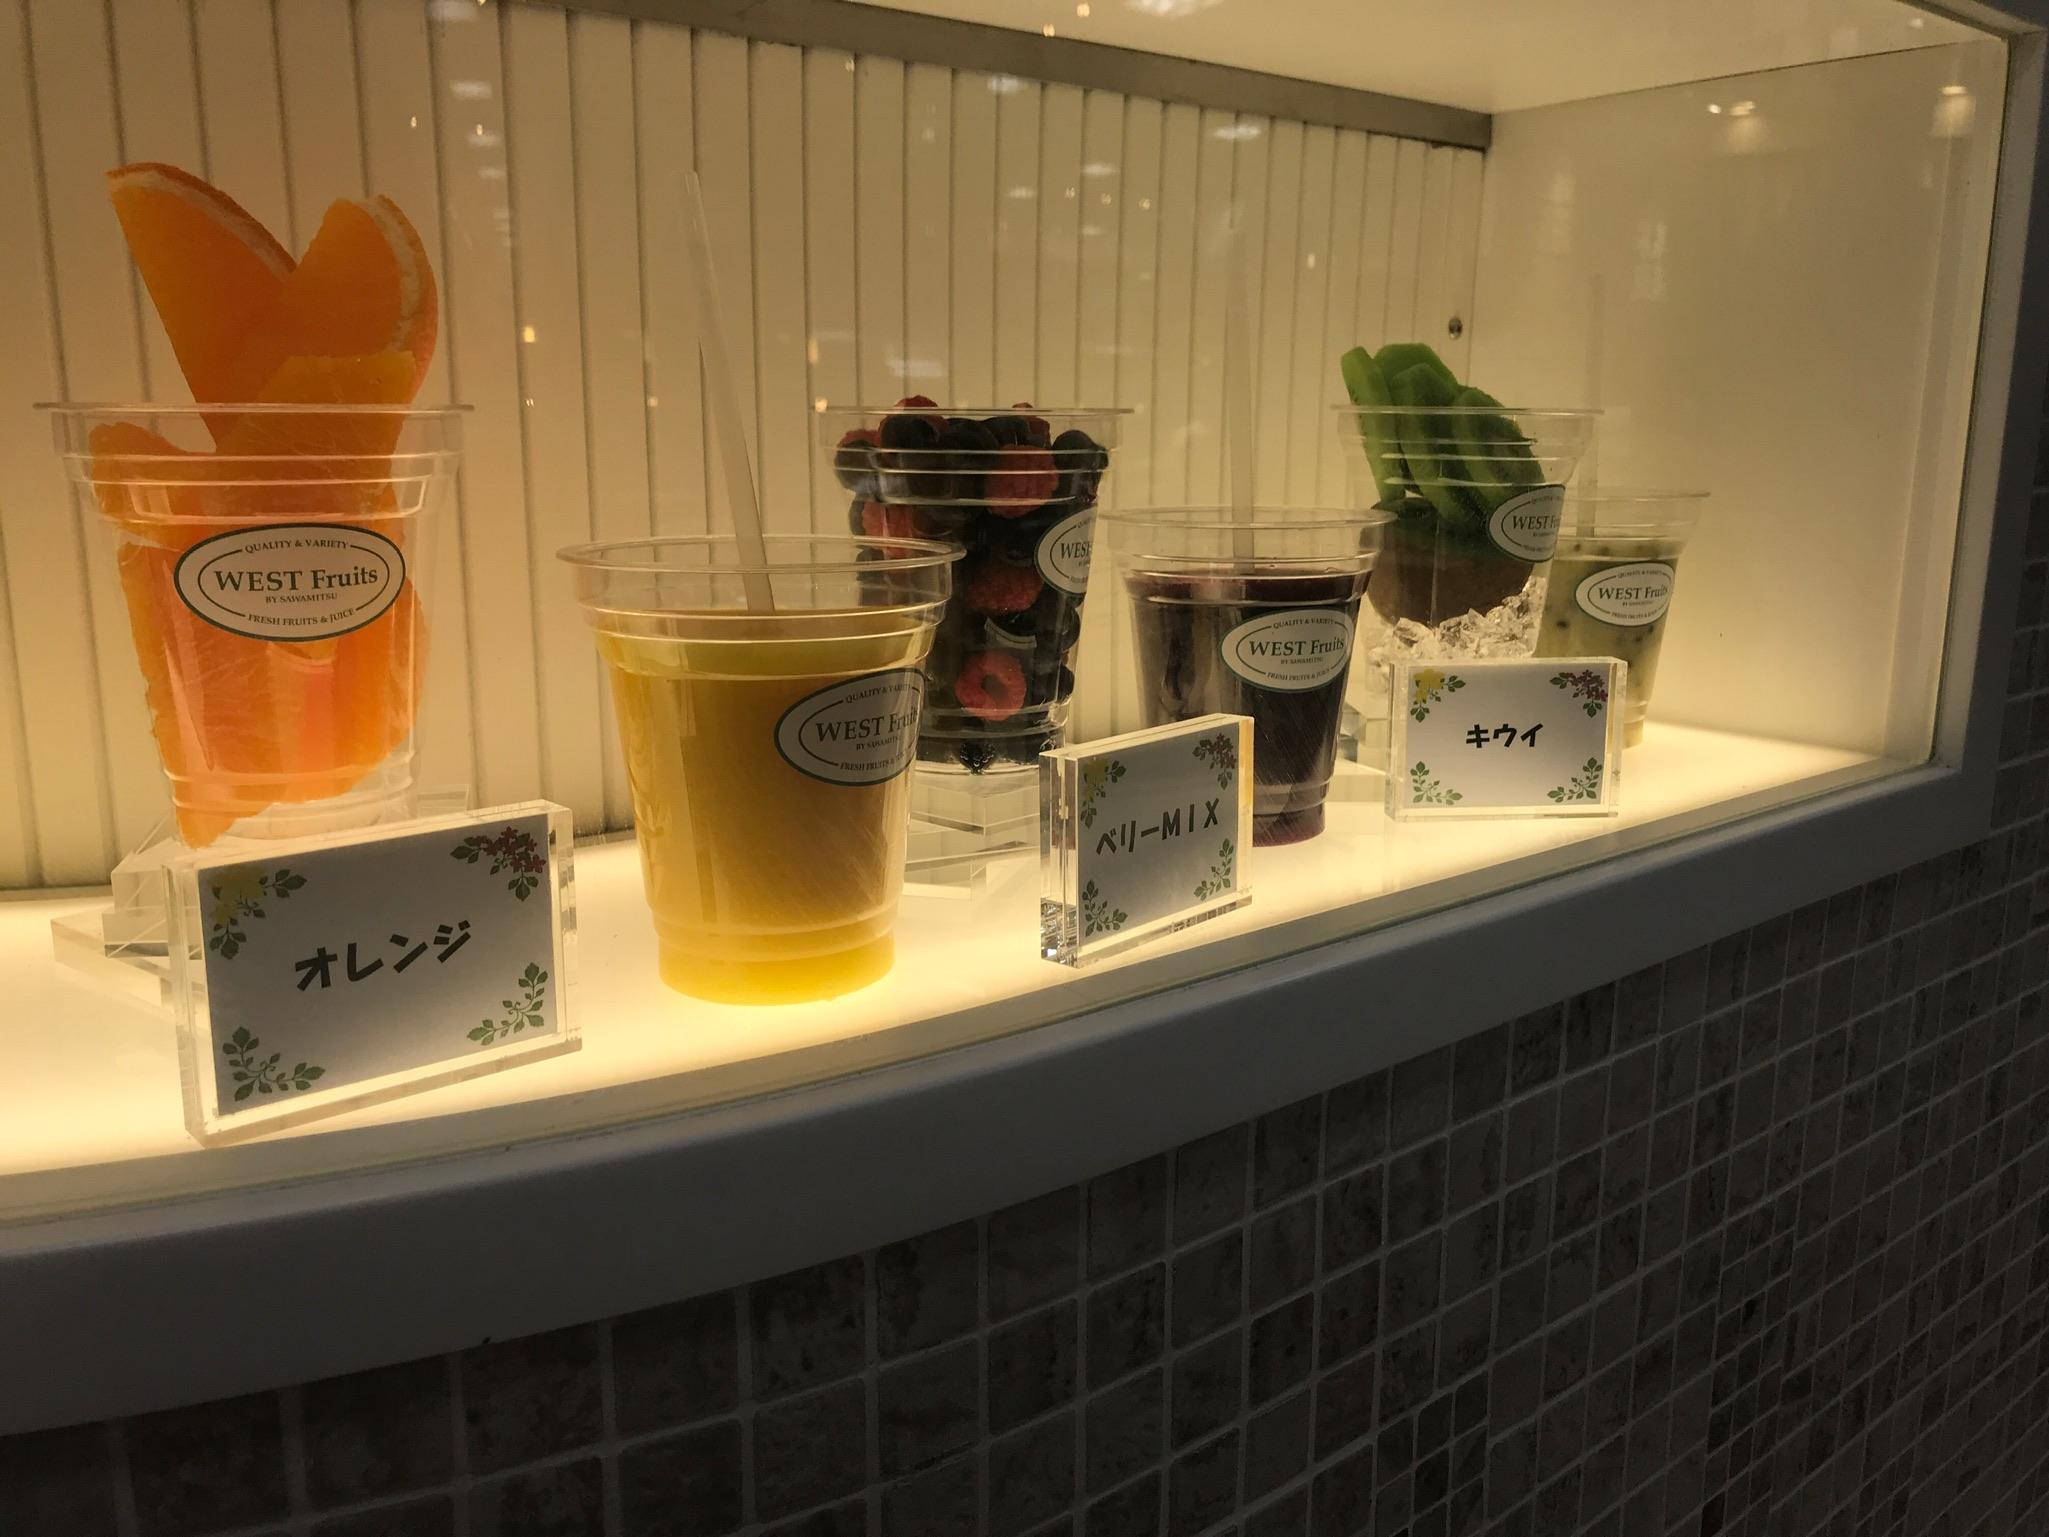 フルーツジュースのラインアップ